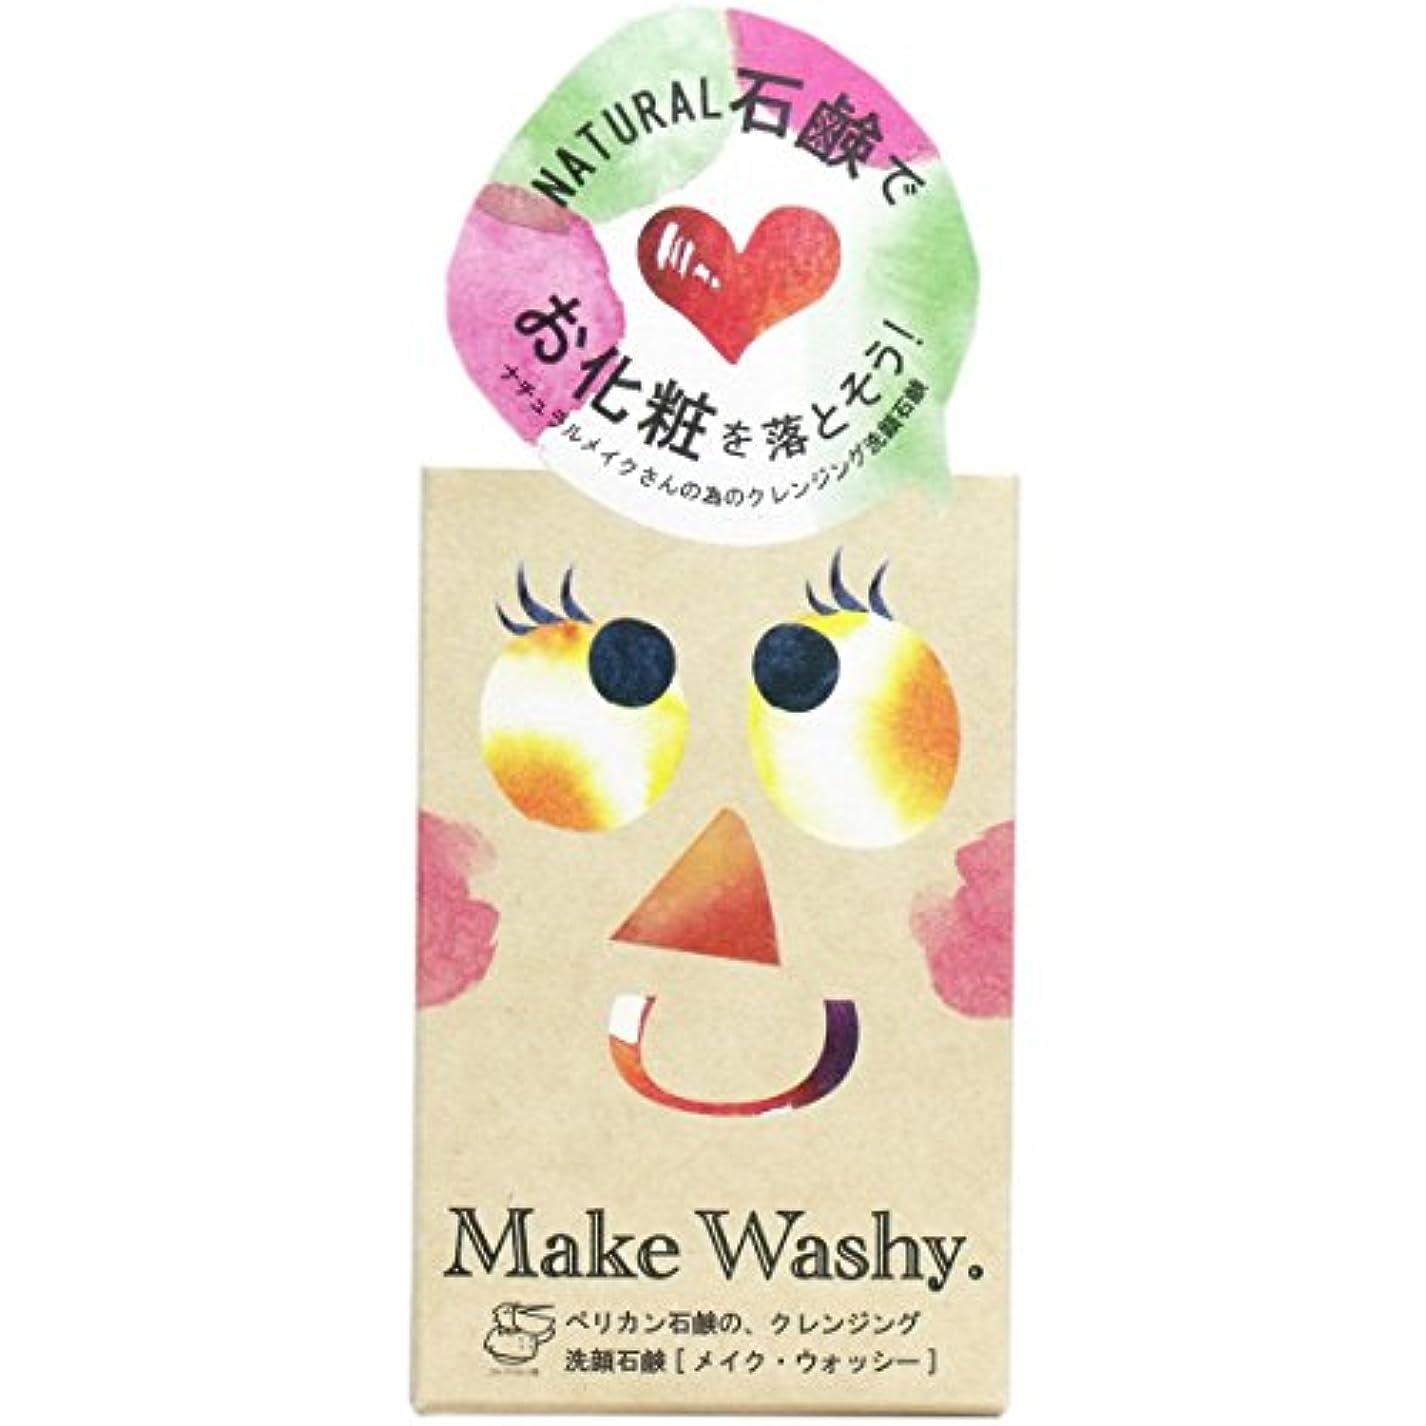 レイすすり泣き未接続【まとめ買い】メイクウォッシー 洗顔石鹸【×2個】